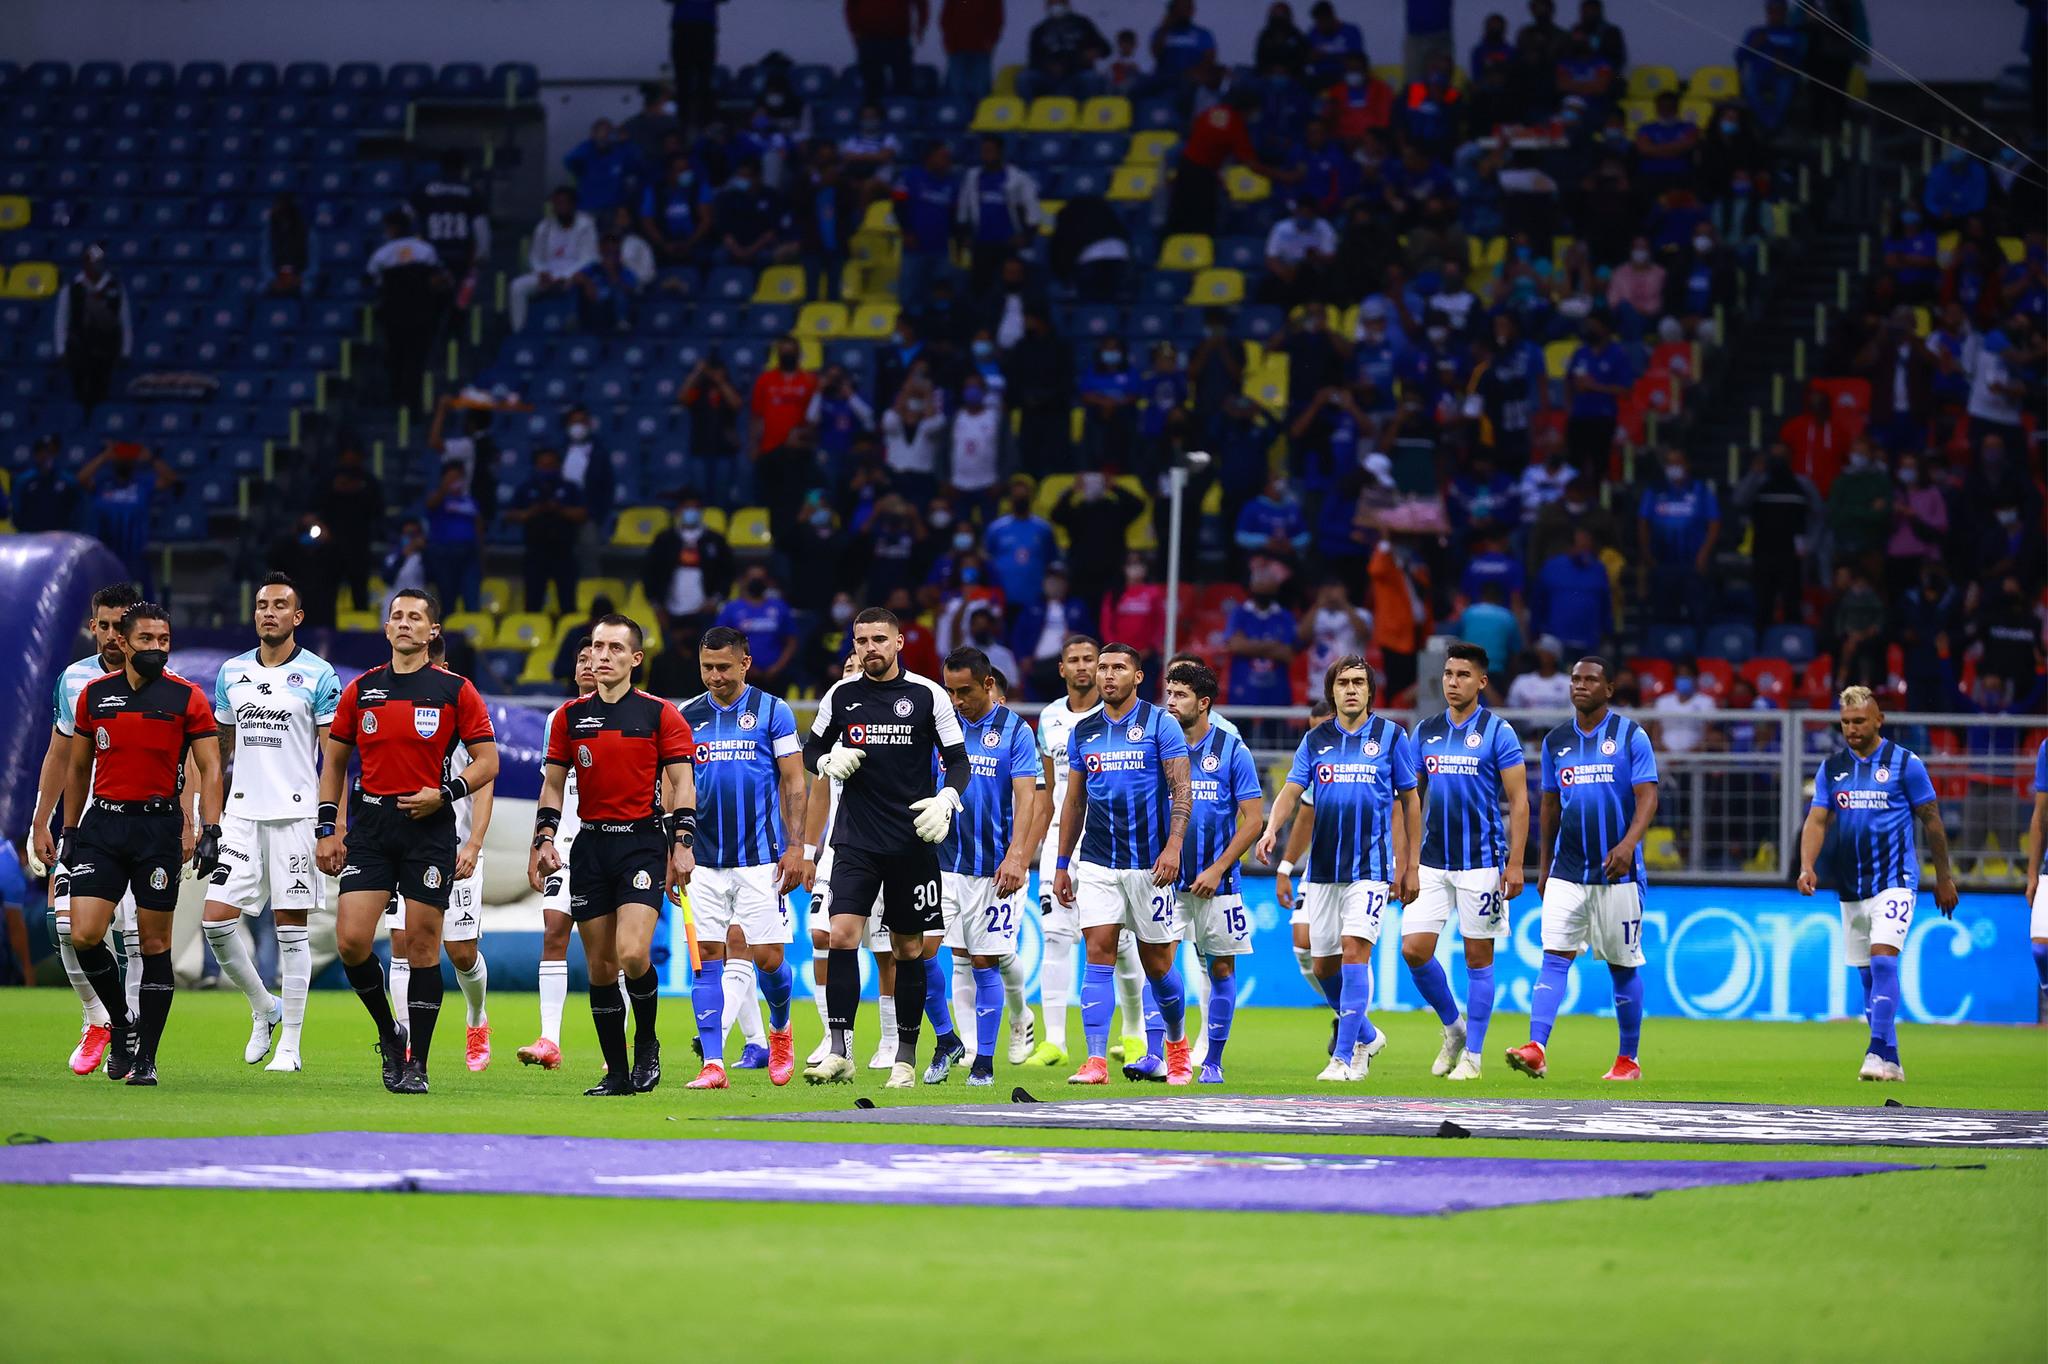 Cruz Azul vs Mazatlán: Resumen, goles y resultado del partido de la jornada 1 del Apertura 2021 de Liga MX